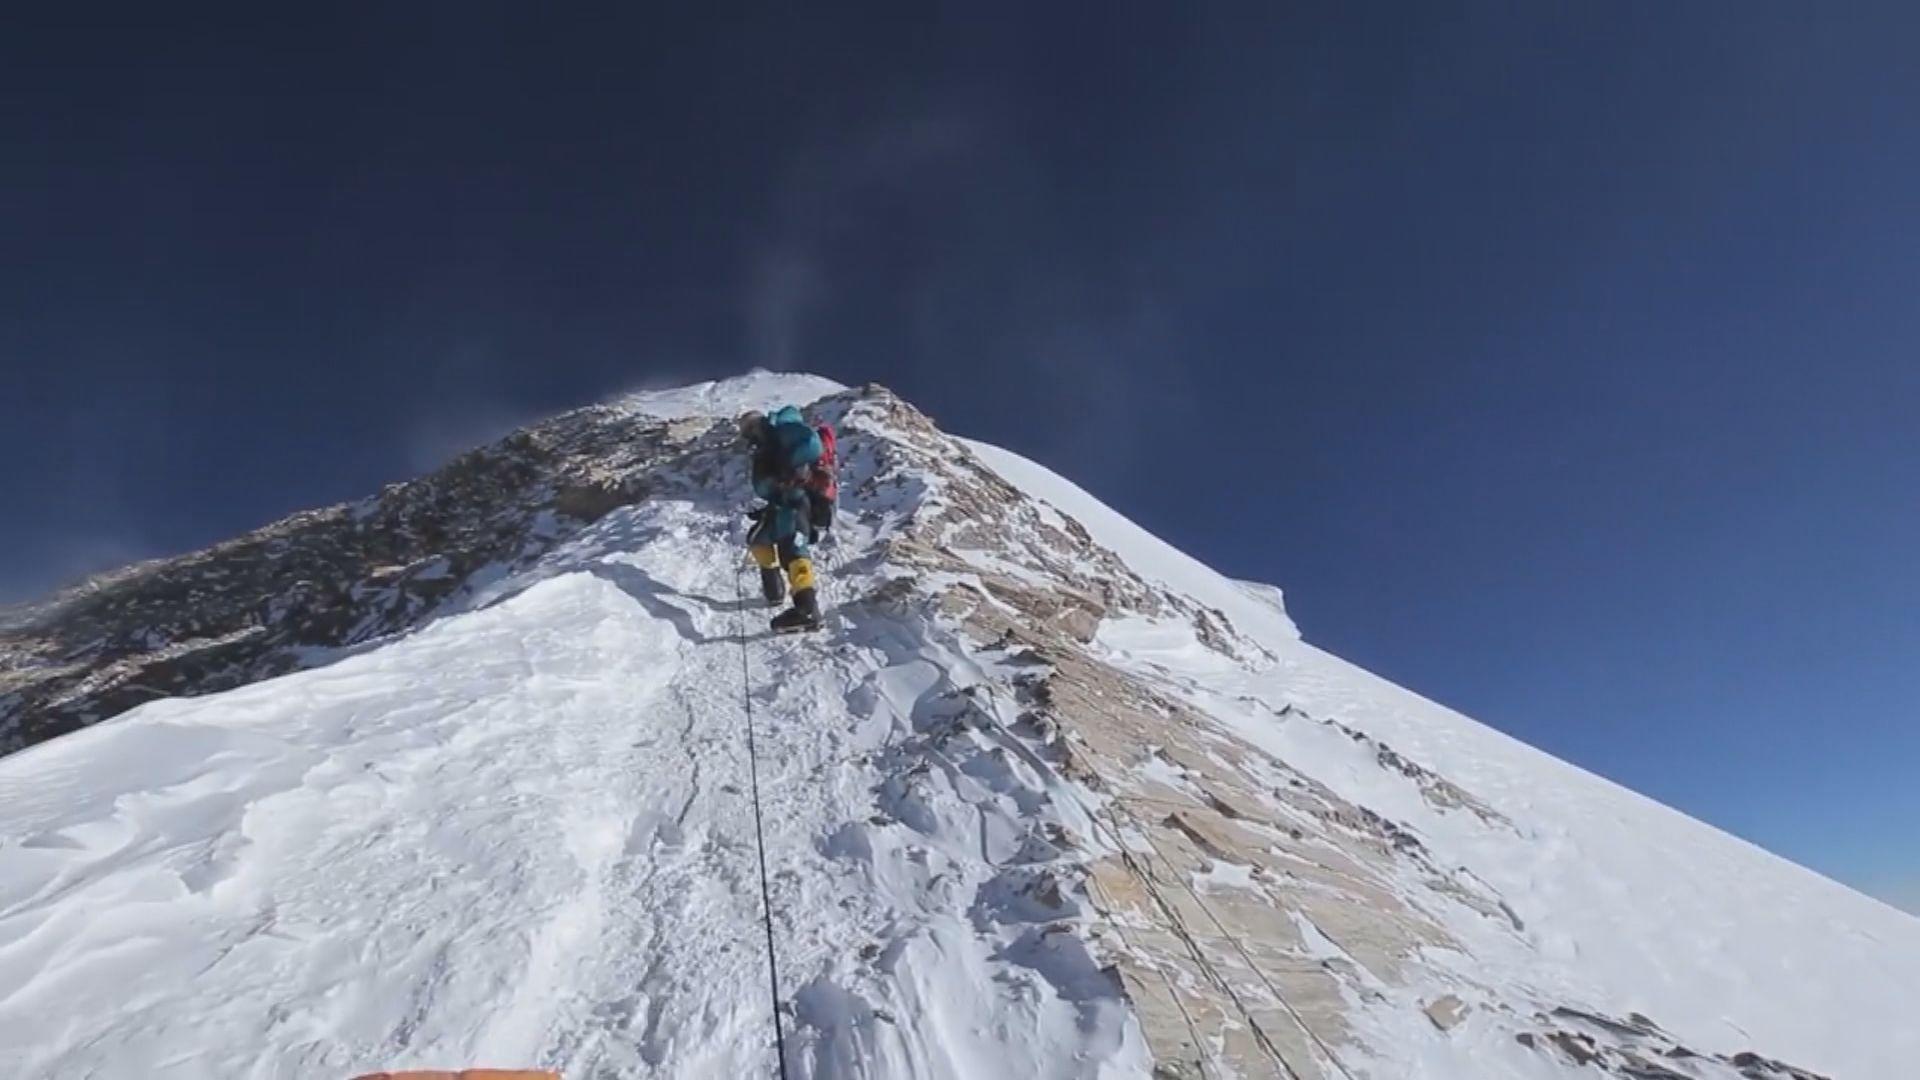 尼泊爾宣布對珠穆朗瑪峰實施「封山」